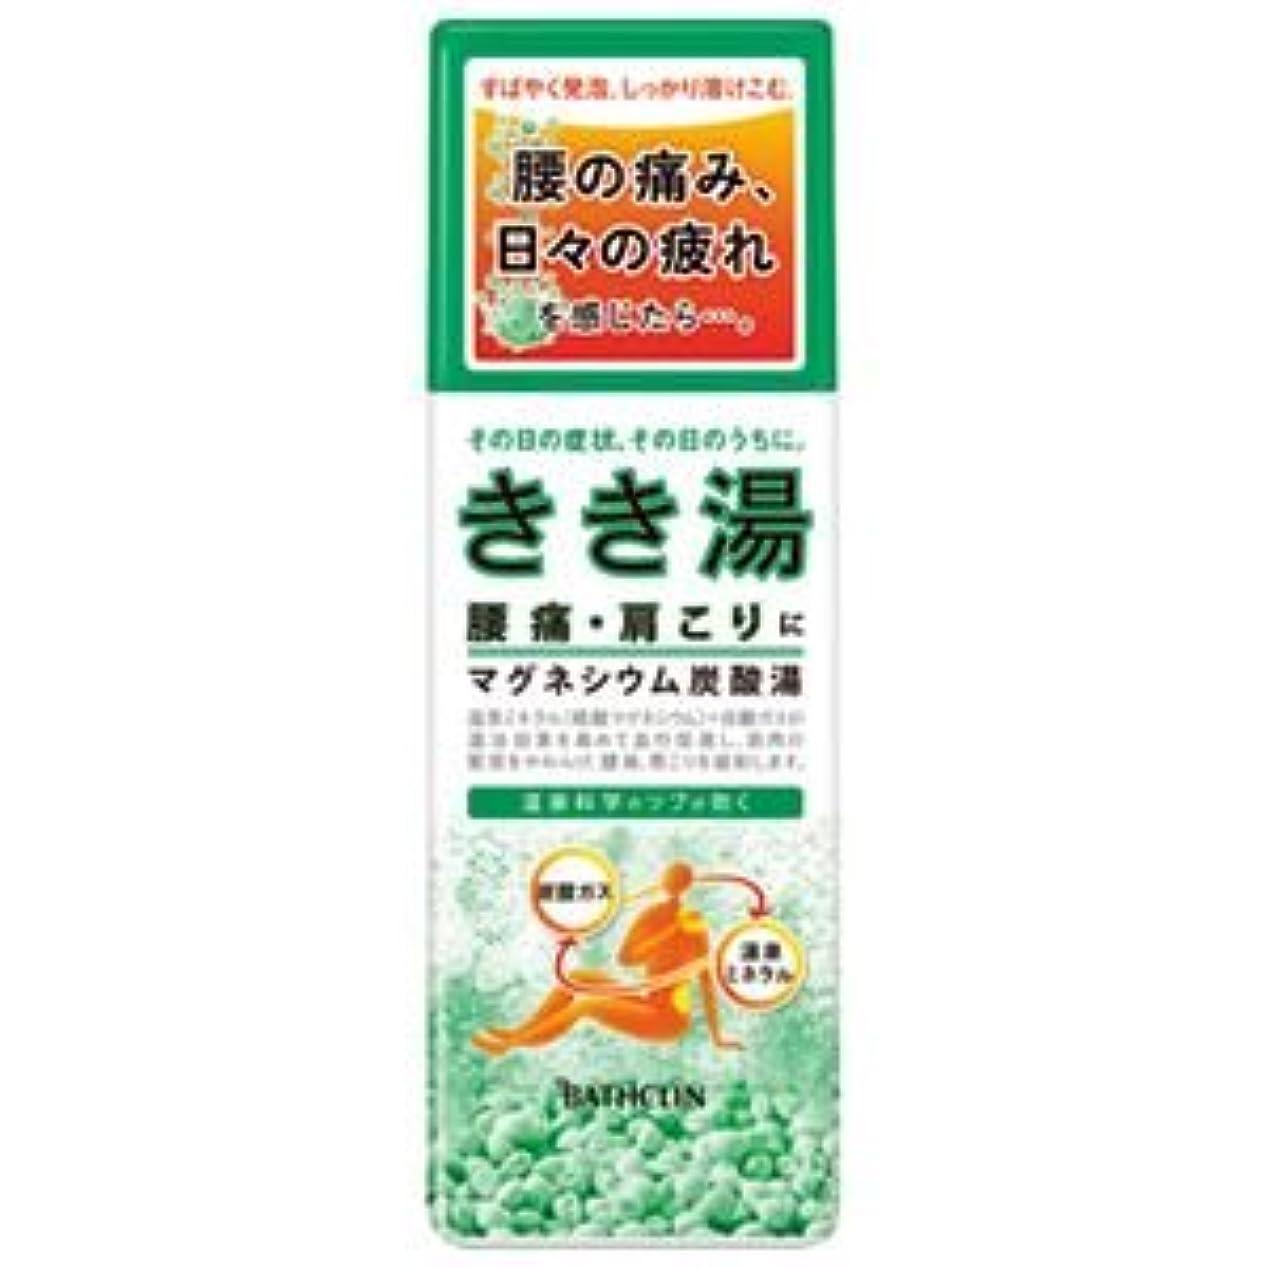 青写真感覚内側(業務用10セット) バスクリン きき湯 マグネシウム炭酸湯 360g